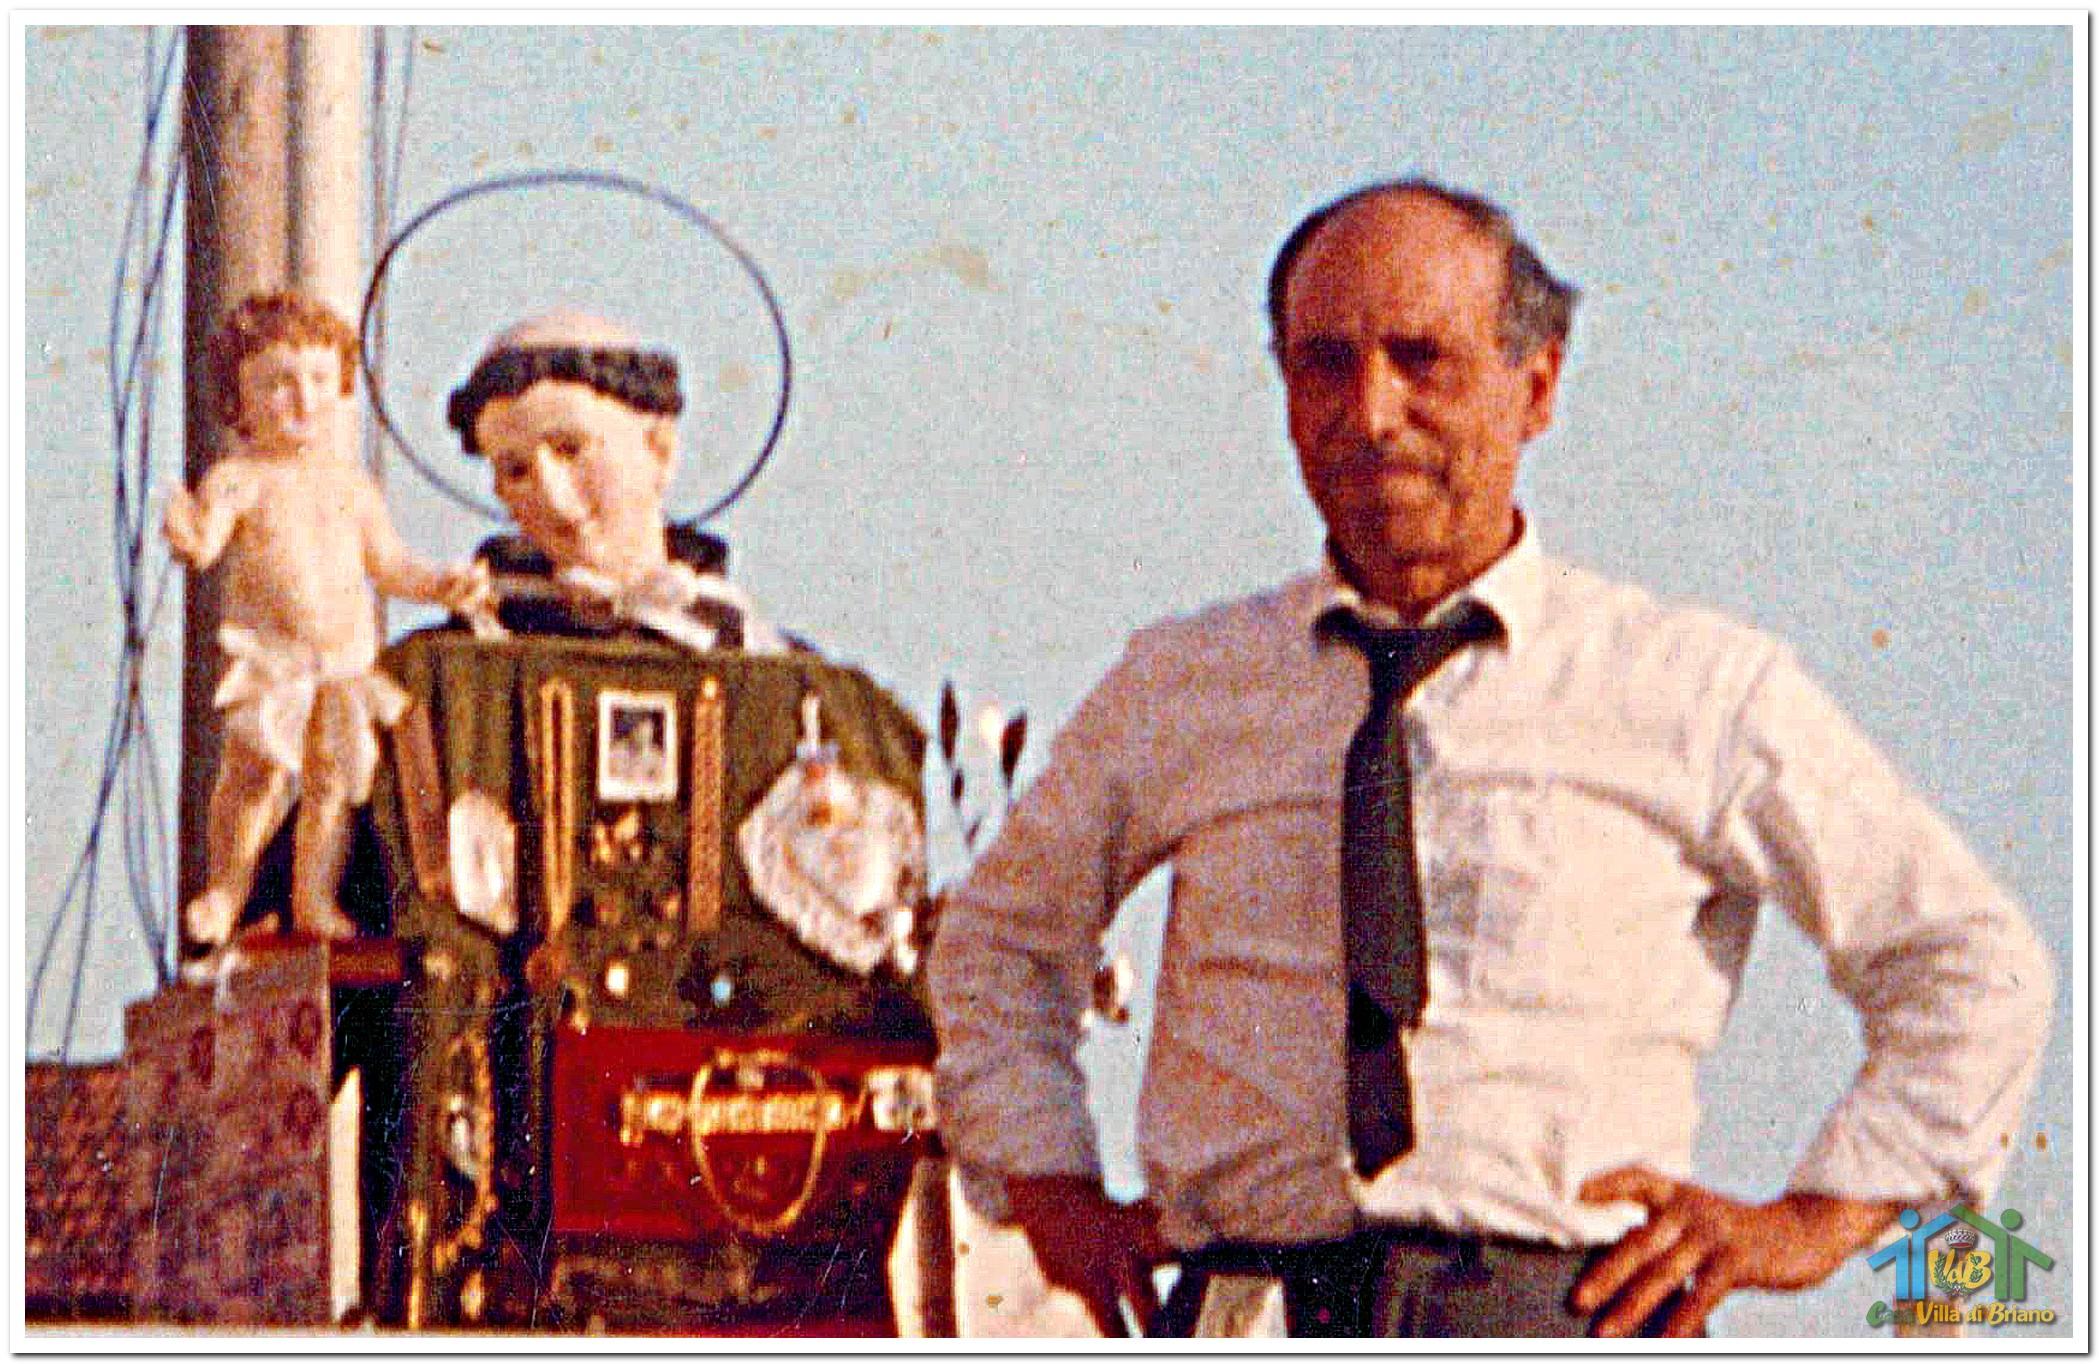 Sant'Antonio_Festa_Villa_di_briano_1989_7